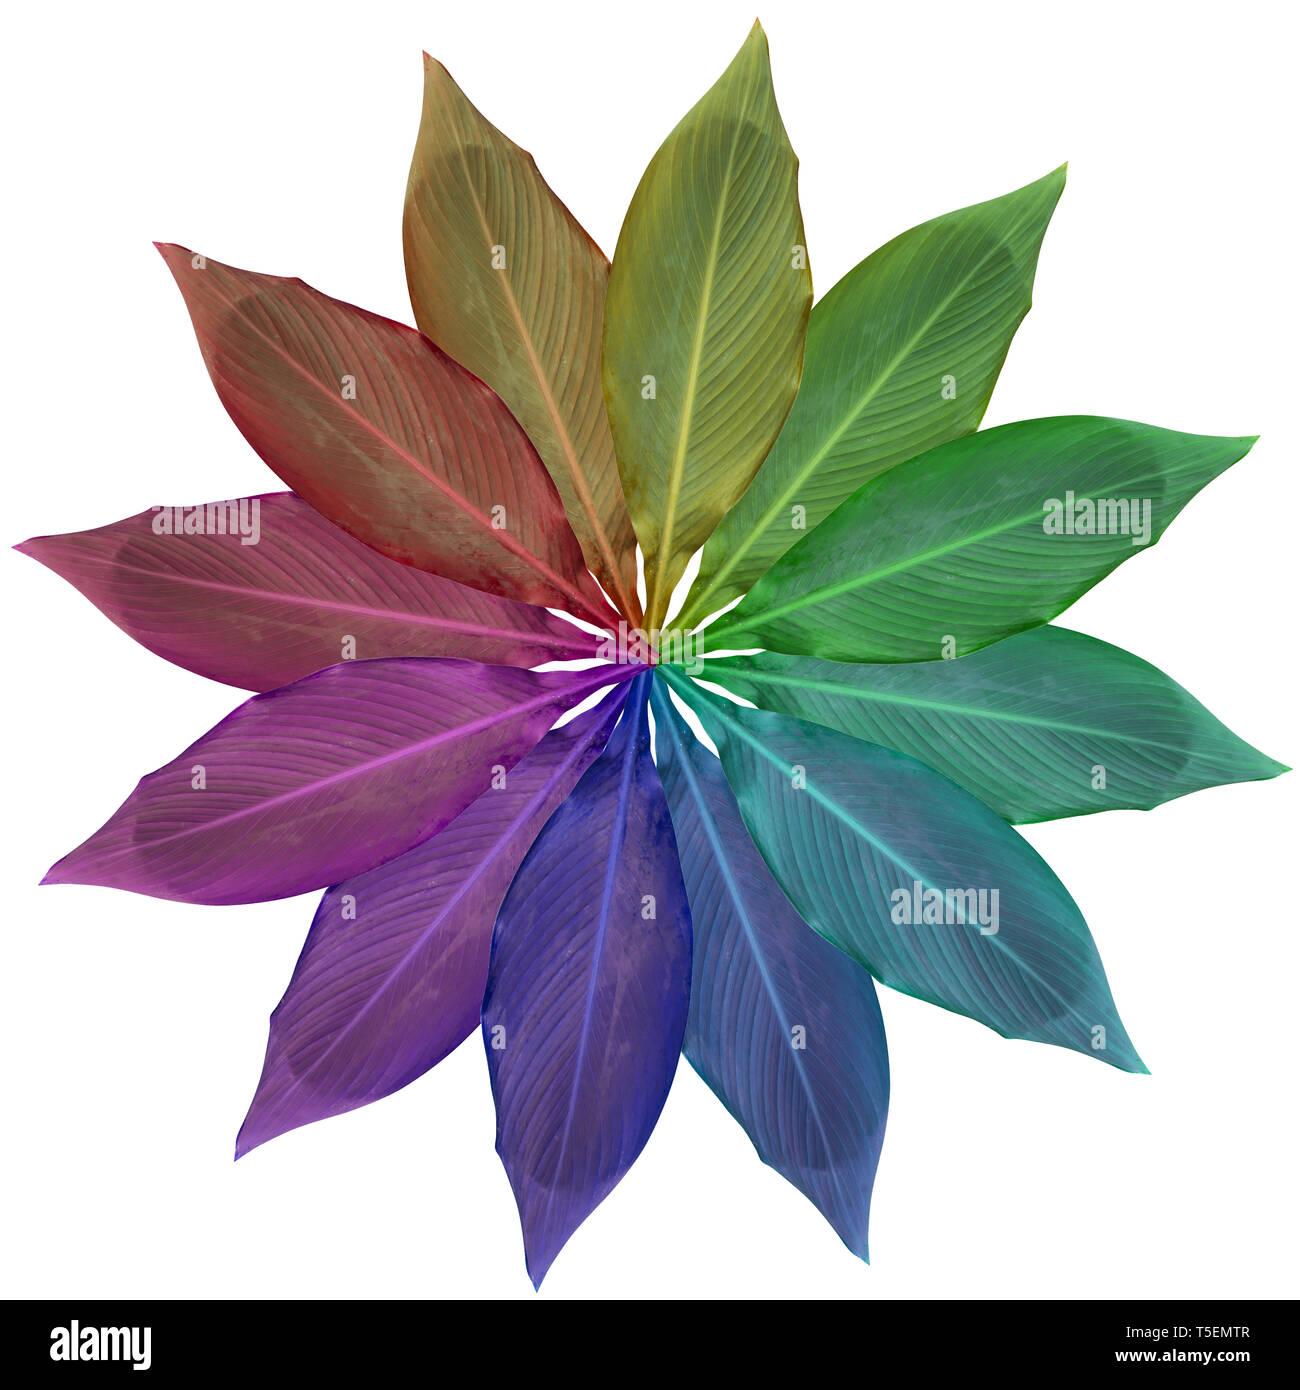 Digital verbesserte Bild von 12 Rainbow farbige Blätter in einer kreisförmigen Anordnung Stockbild